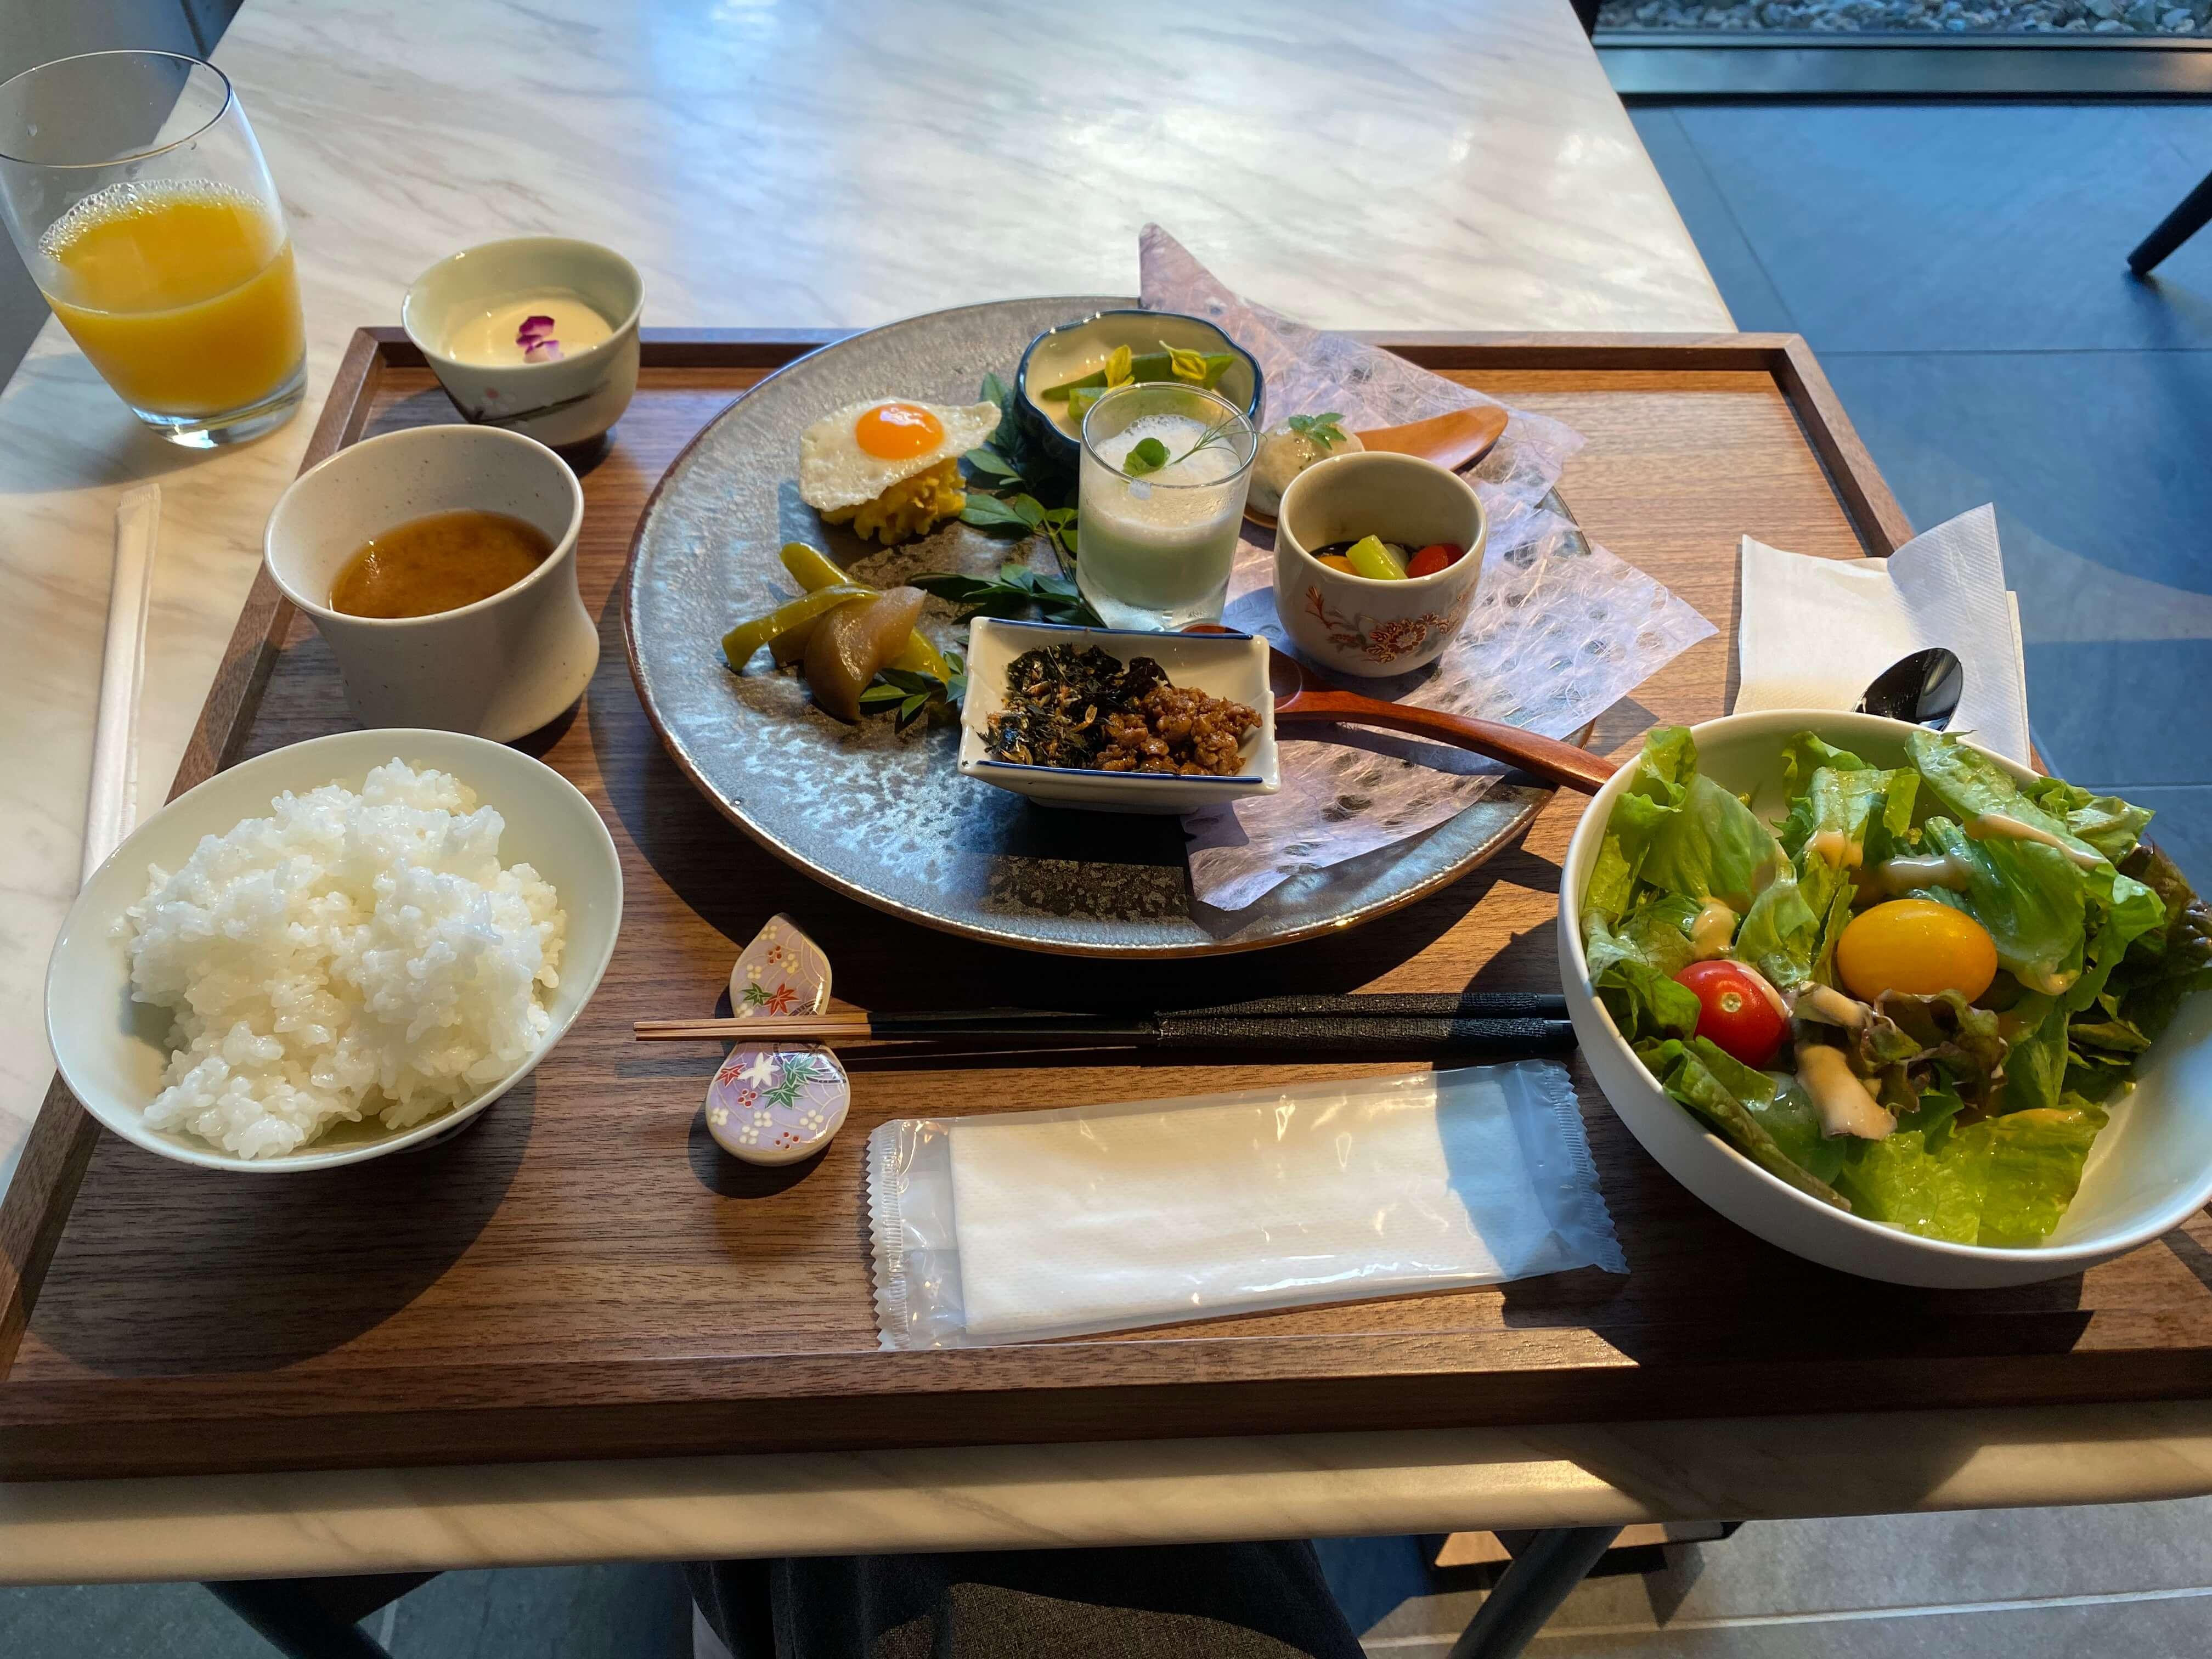 HIYORIチャプター京都 トリビュートポートフォリオホテル 朝食